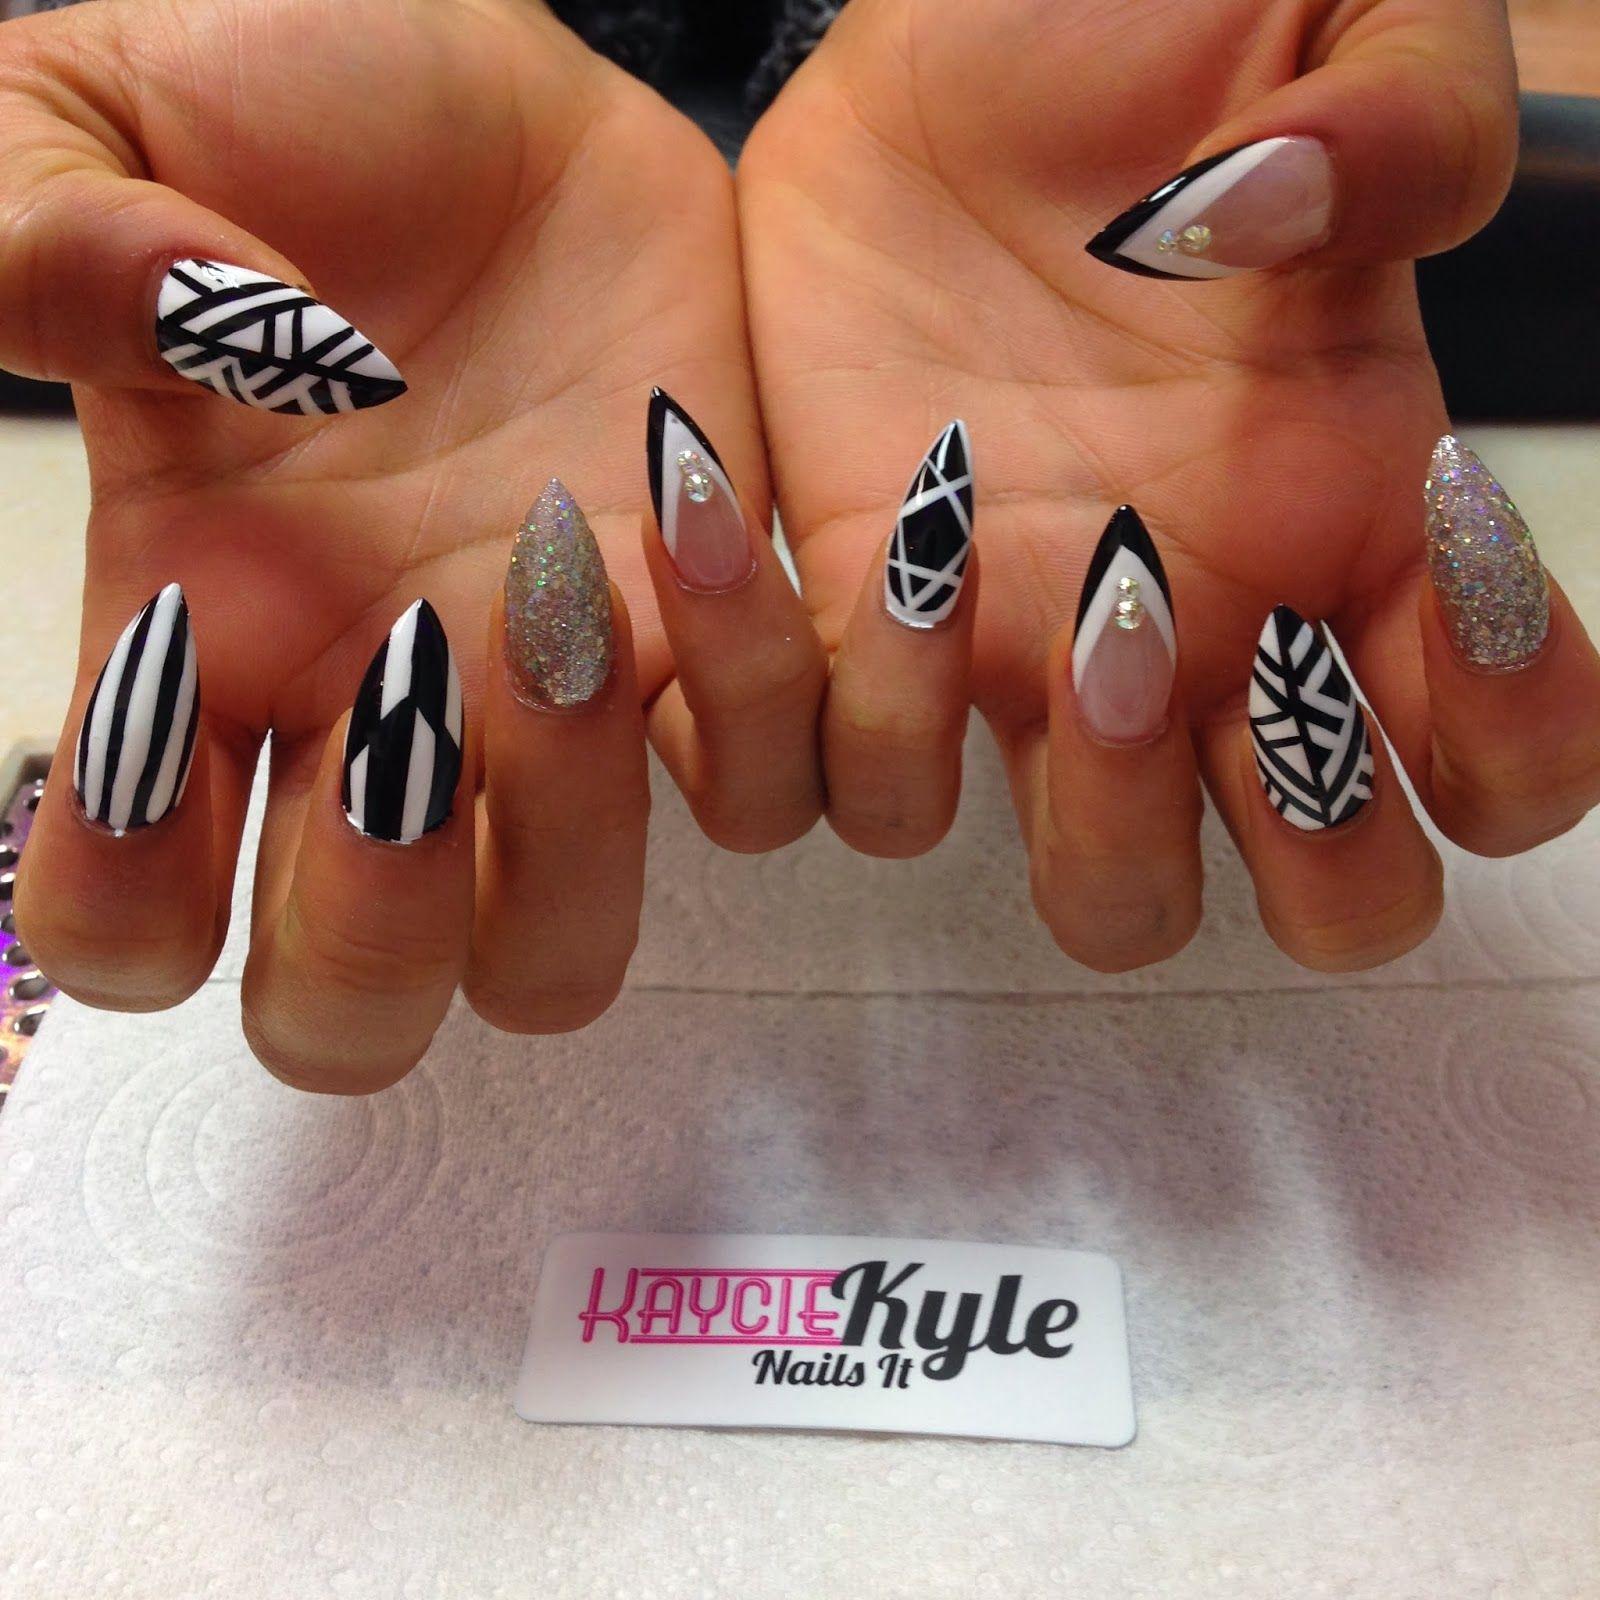 black stiletto nails - iskanje google | me: nails to do <3<3<3